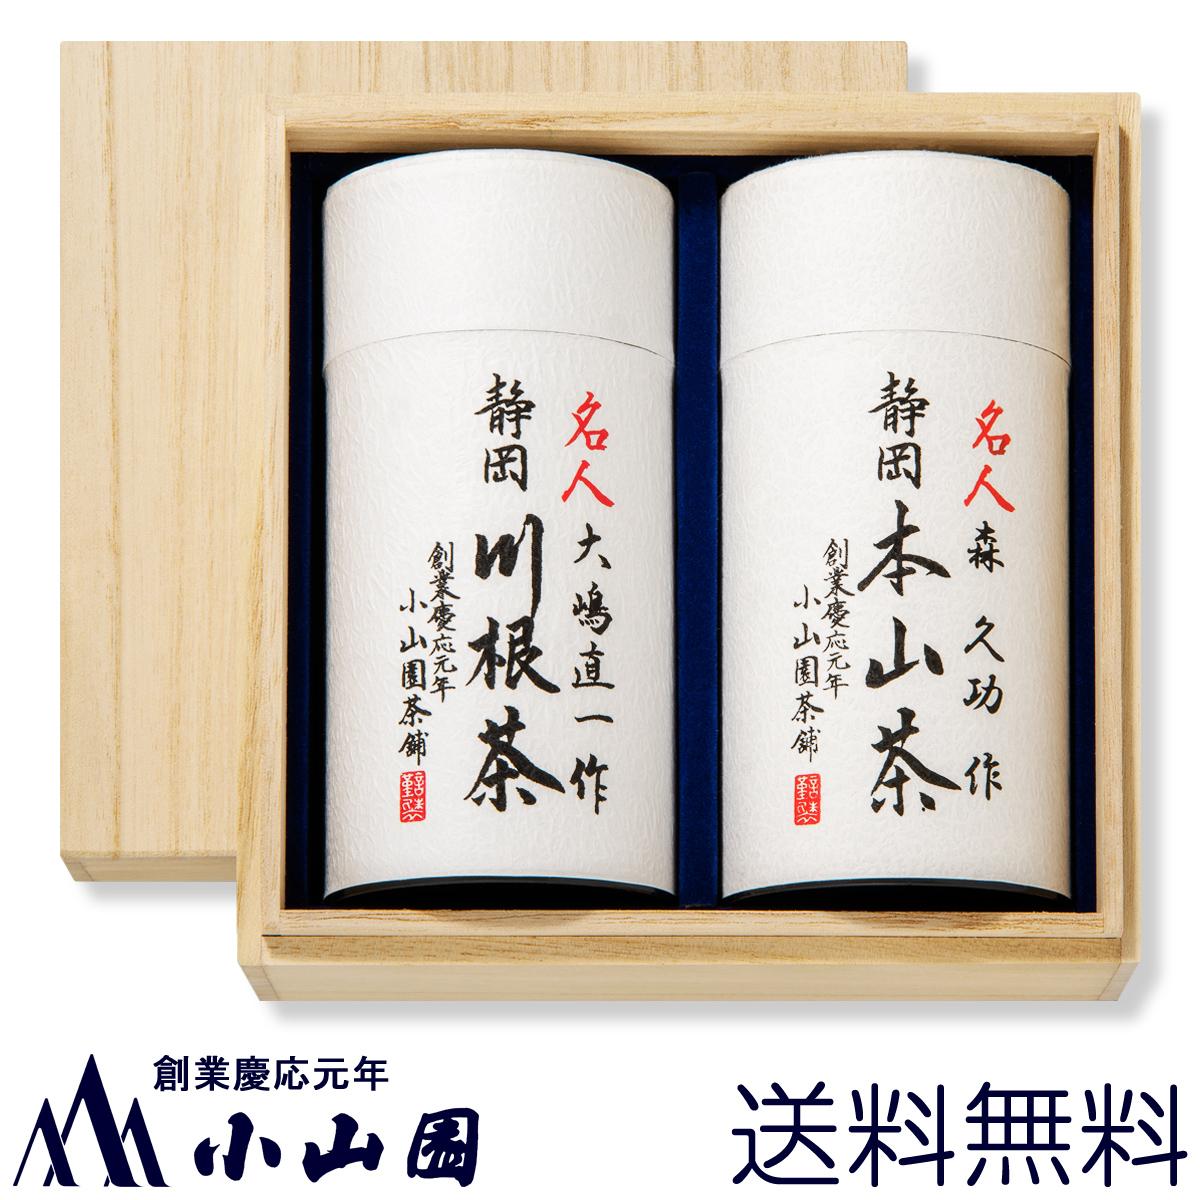 作「川根茶」・森 直一 久功 【全国送料無料】大嶋 作「本山茶」詰合せ